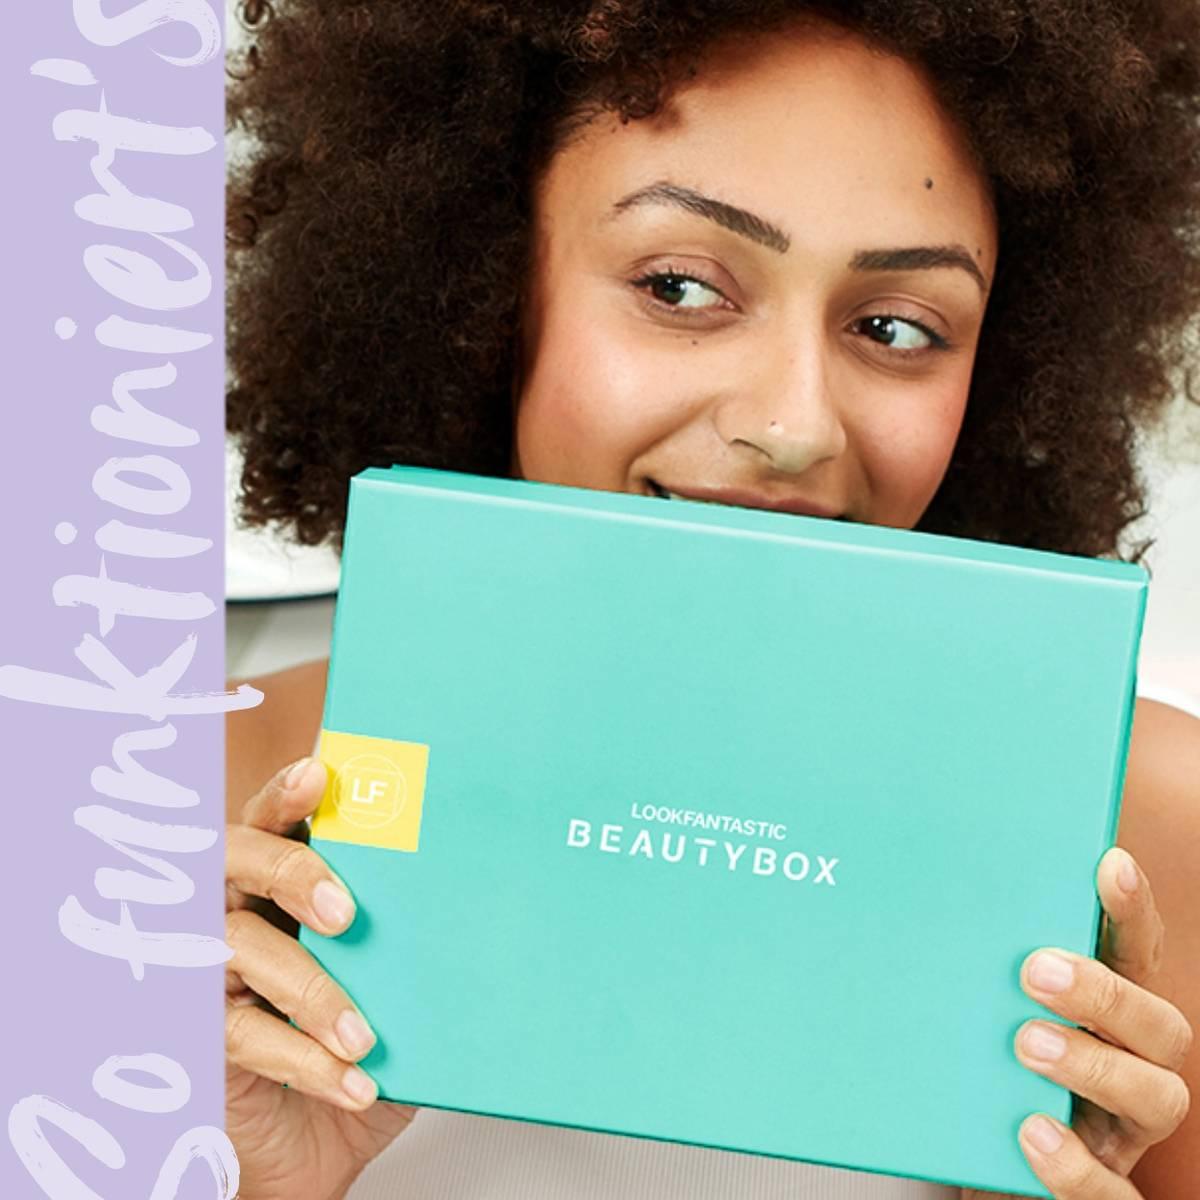 Erfahre mehr über die <b>lookfantastic Beauty Box</b>, eine monatliche Abobox, die 6 handverlesene Beautyprodukte im Wert von mindestens 50,00 € direkt zu dir nach Hause liefert.